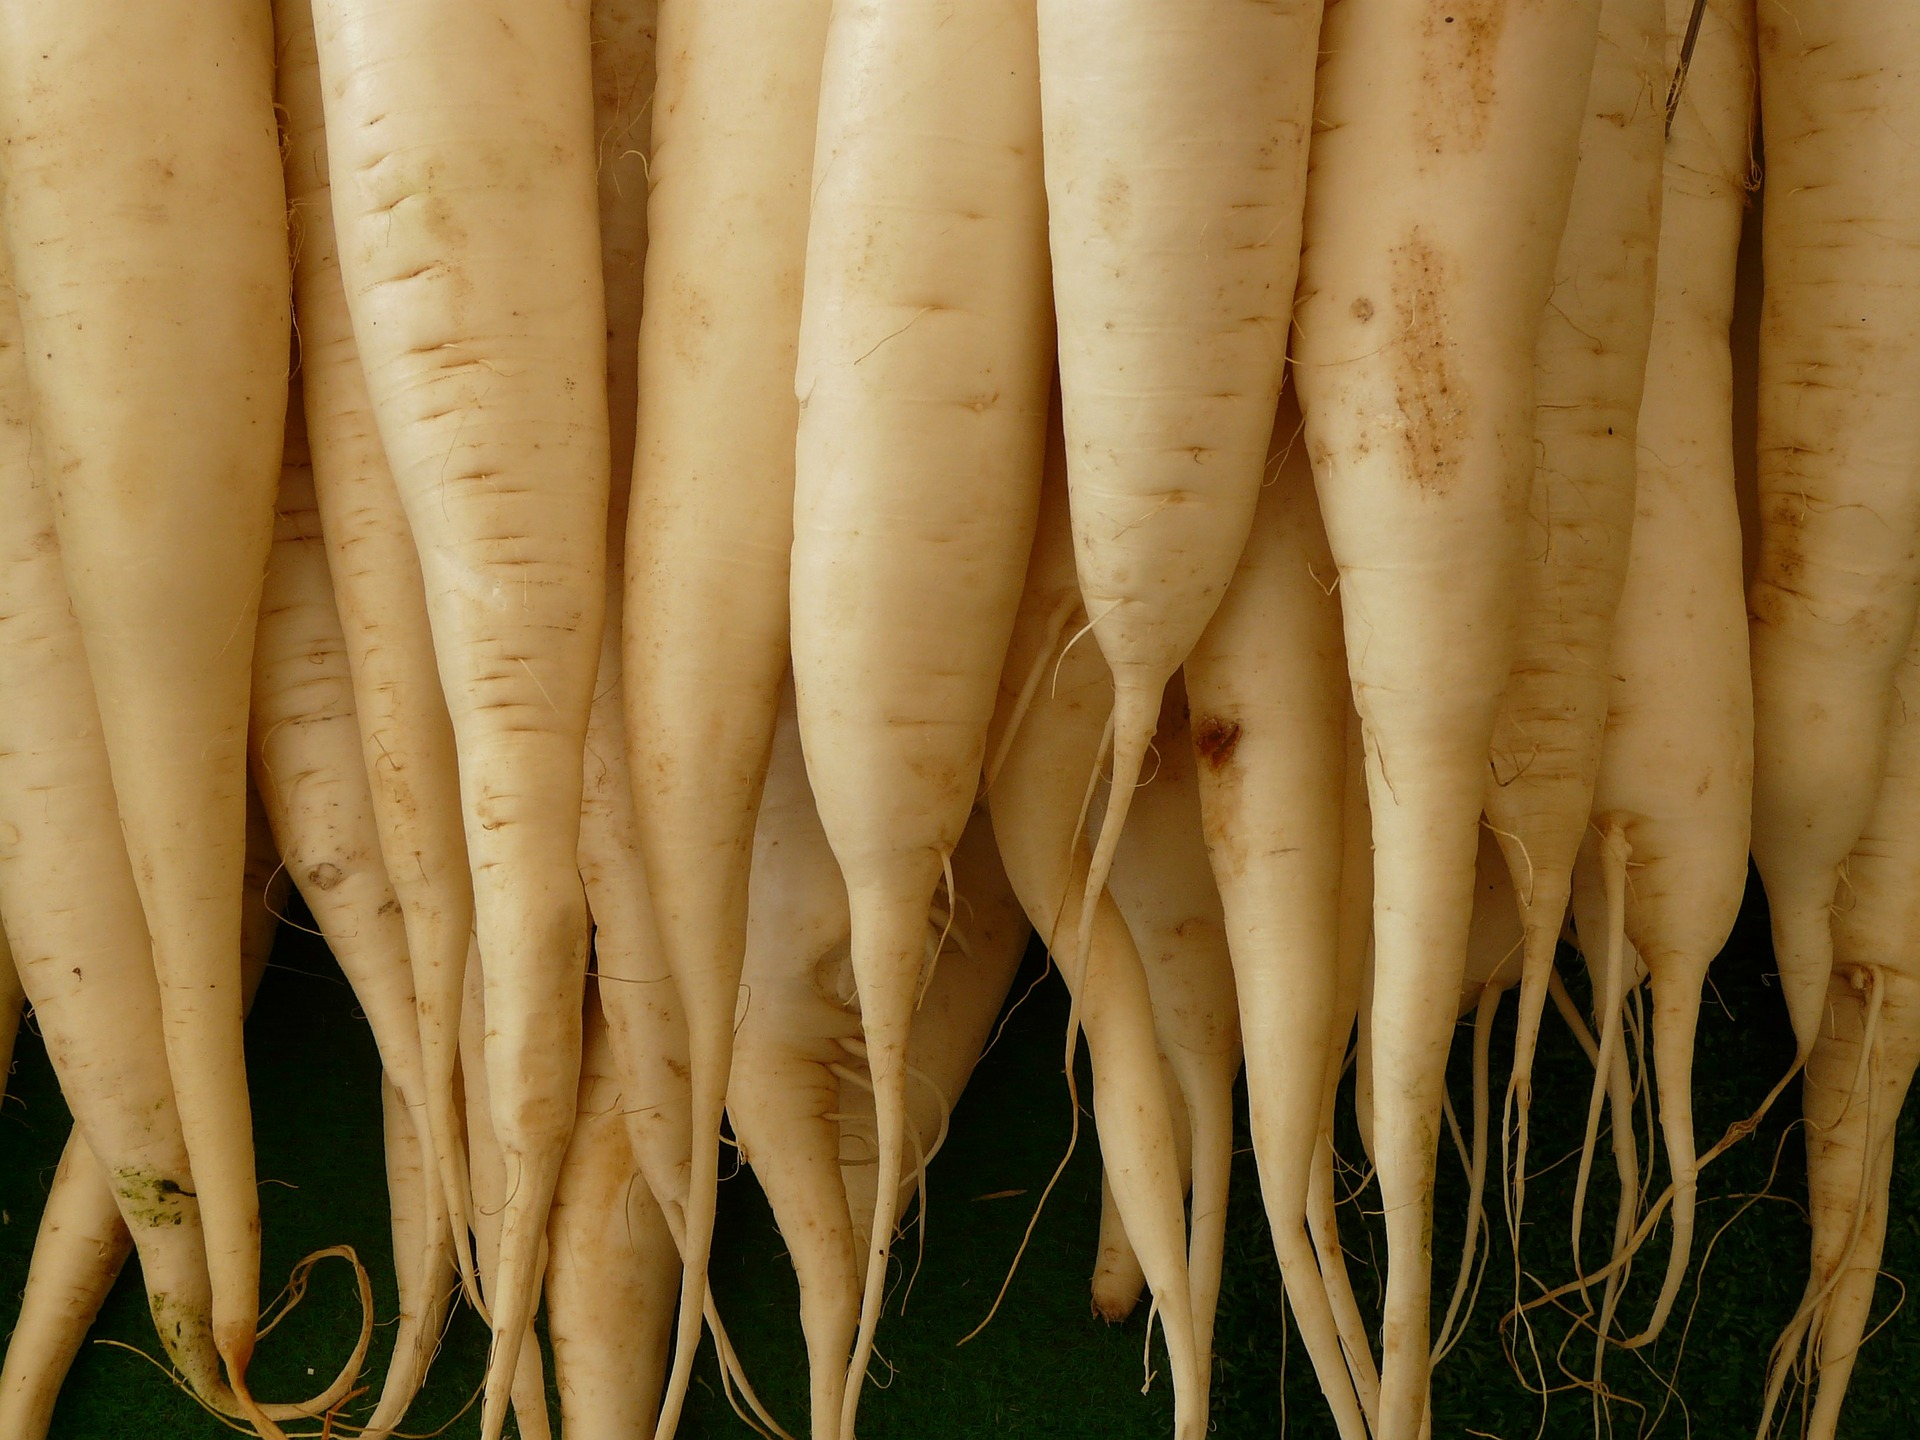 旬の野菜の7つの特徴☆農薬が使われていないサインもわかる!